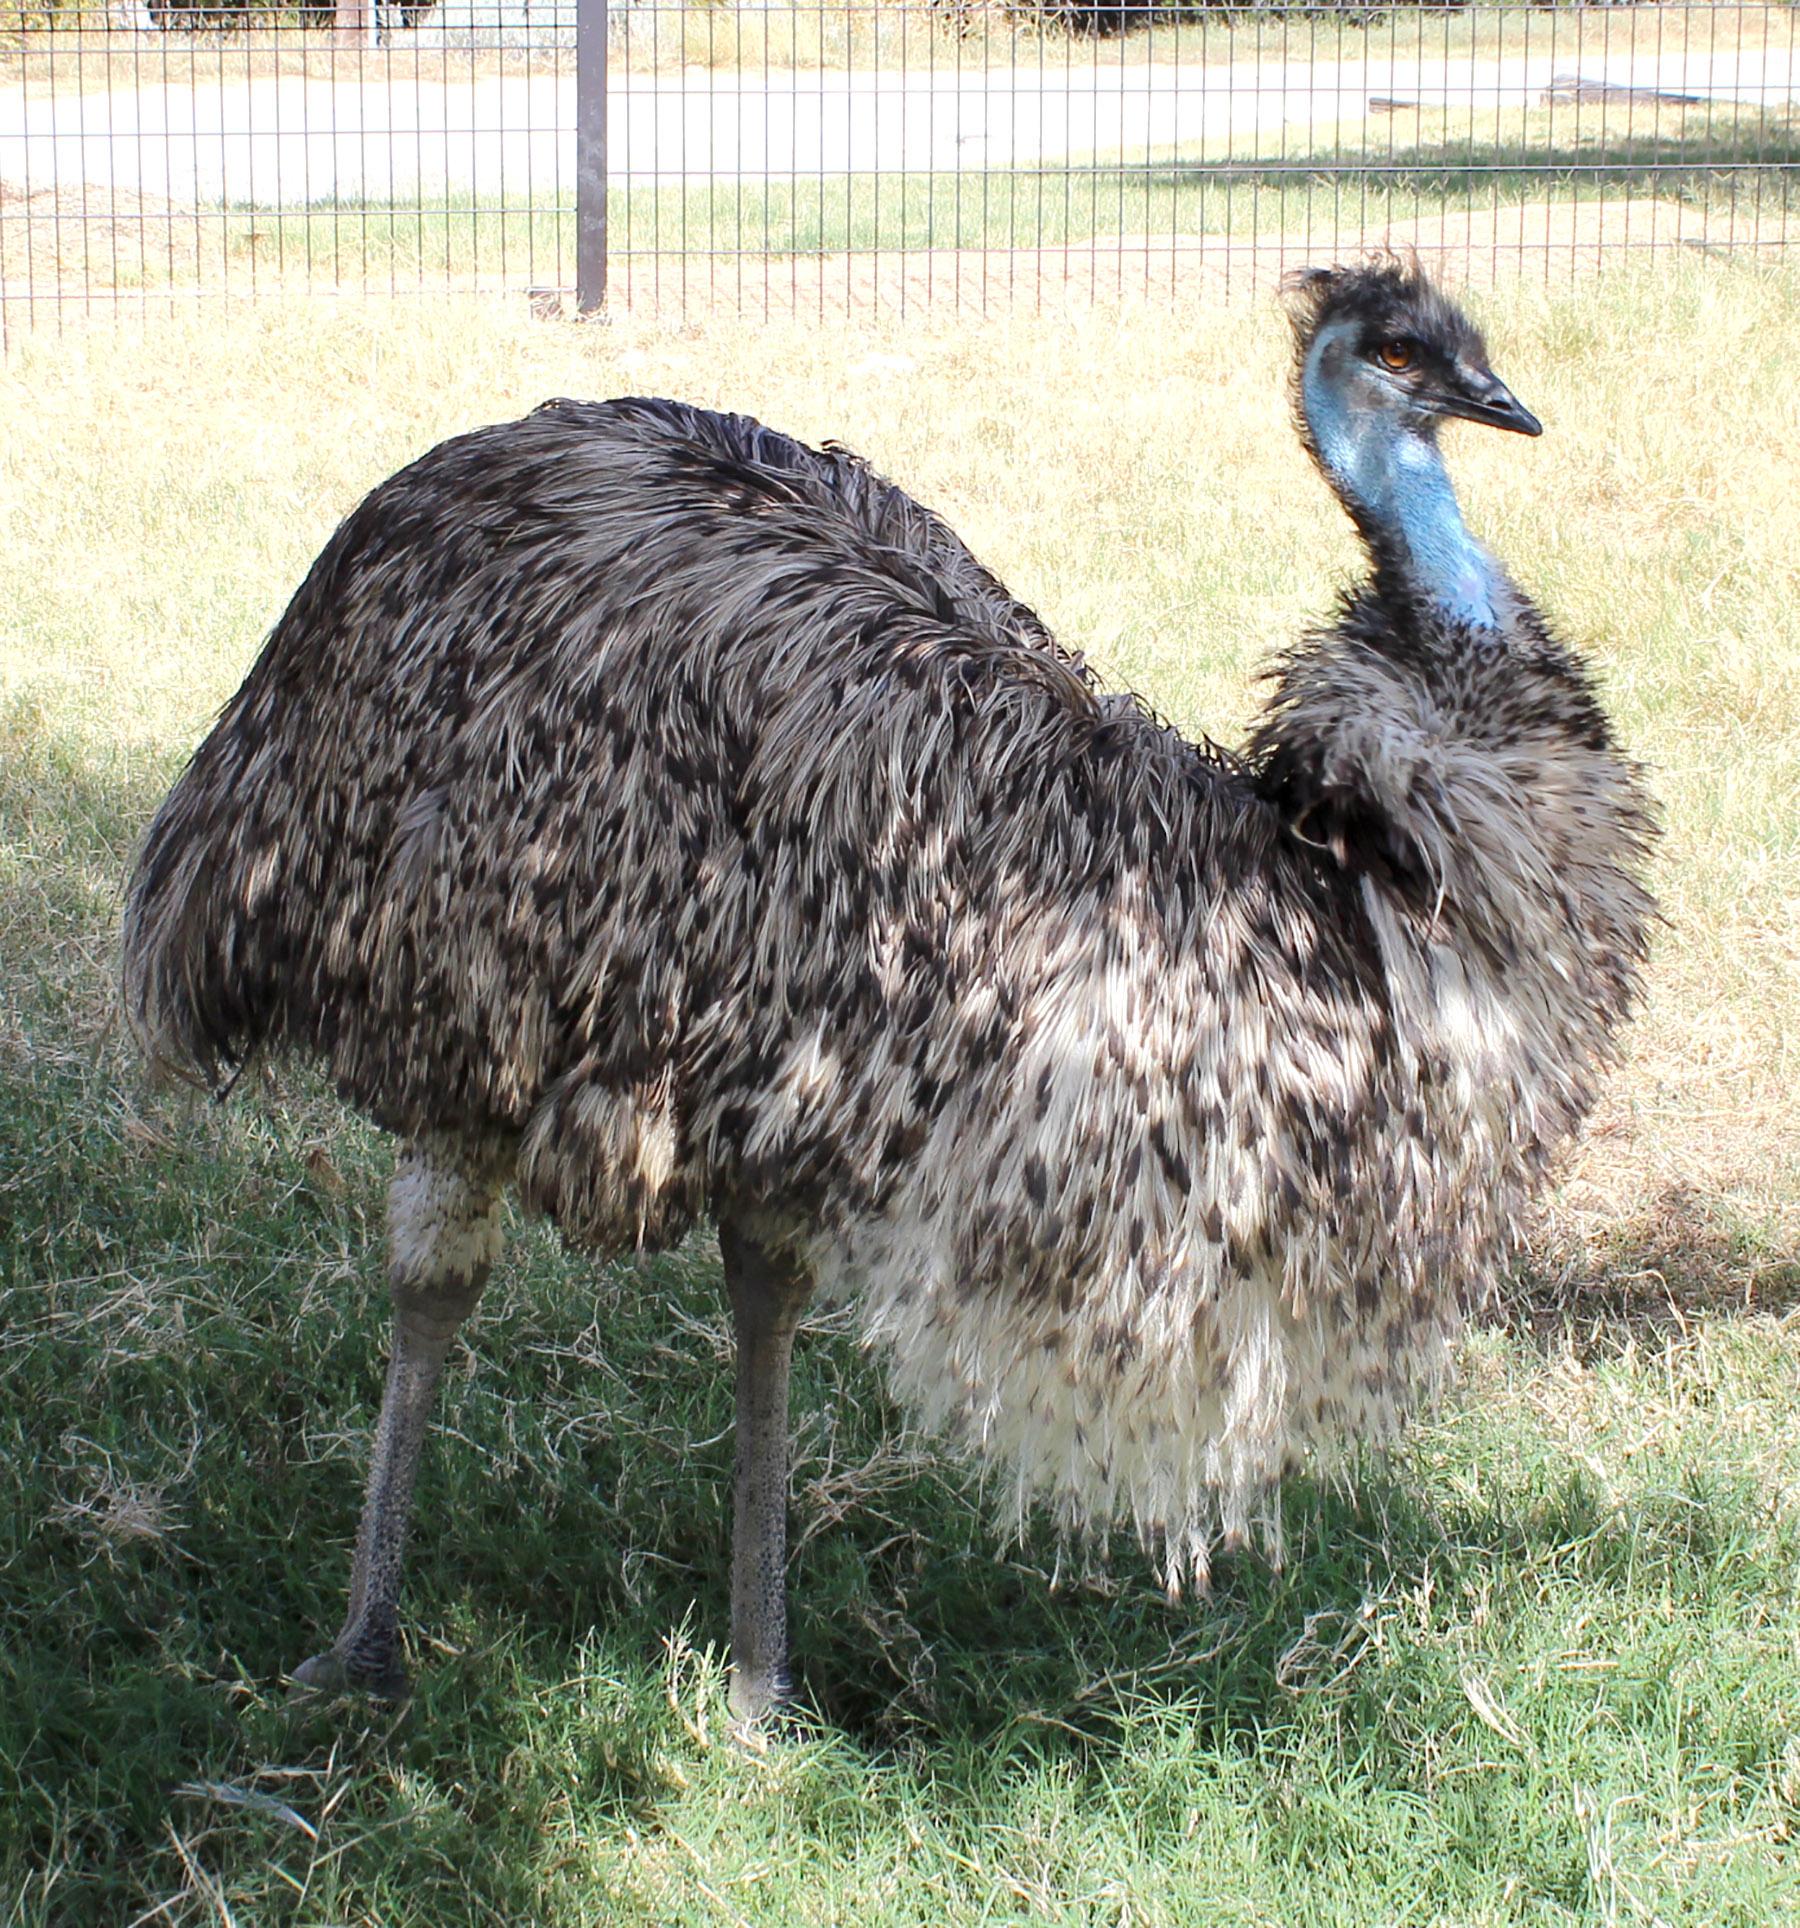 Ume the Emu